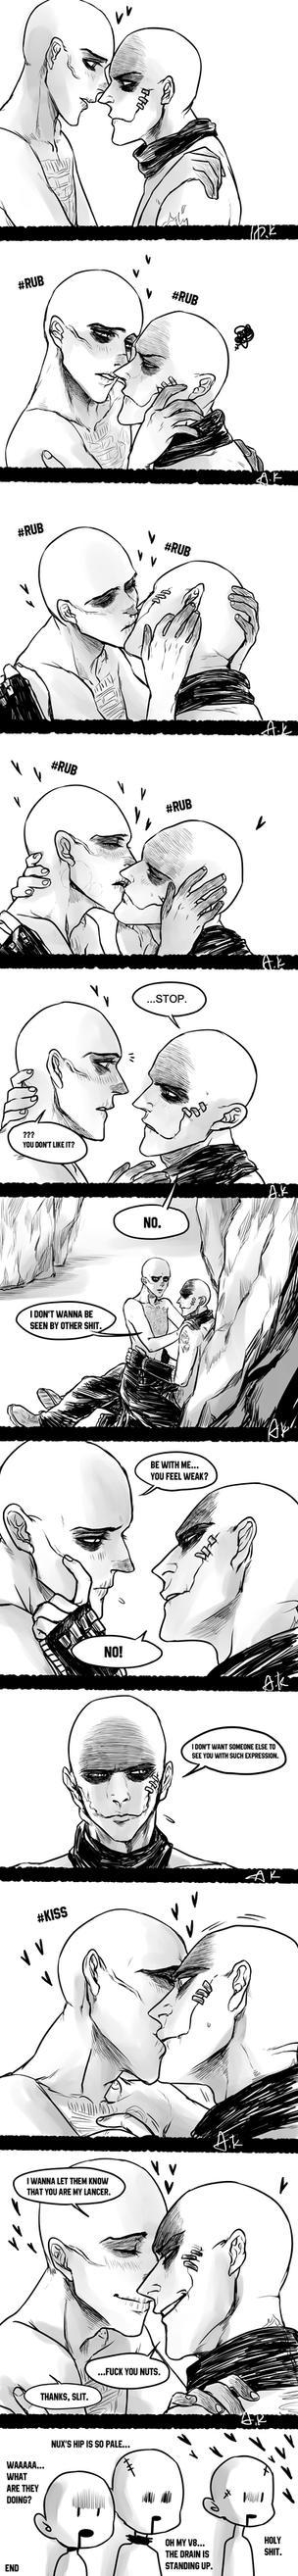 doodle comic - sux by LotusMartus